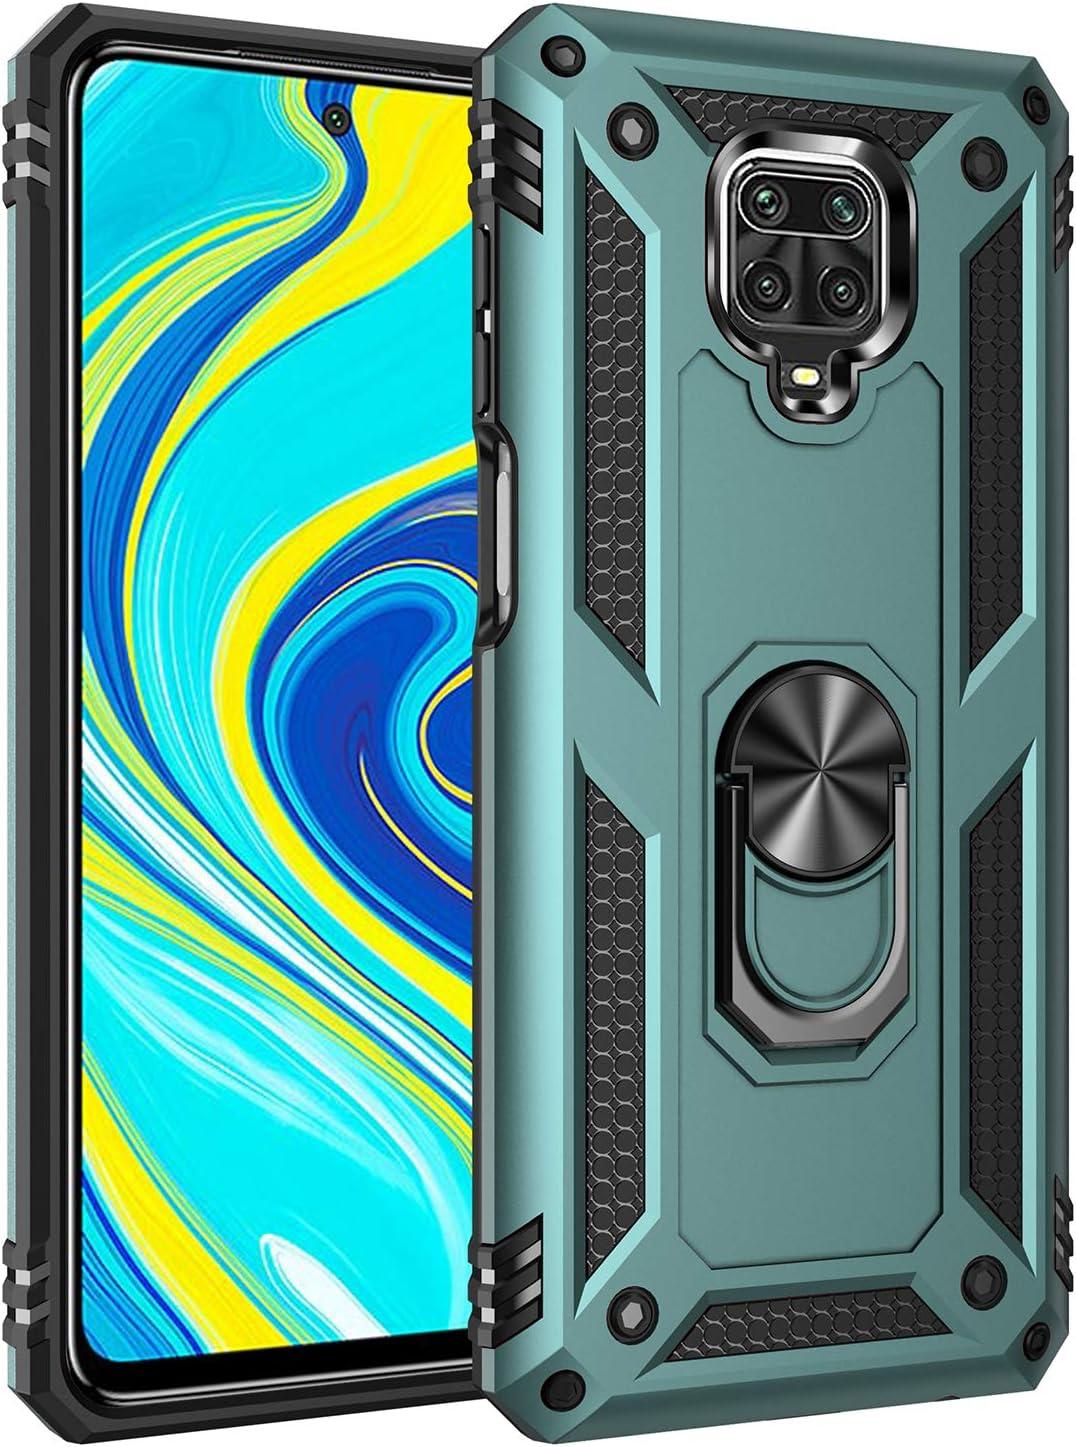 TANYO Funda Adecuado para Xiaomi Redmi Note 9S, Anillo Metálico Soporte Función Magnética del Coche Heavy-Duty Armadura Anti-Caída Case, Verde Oscuro